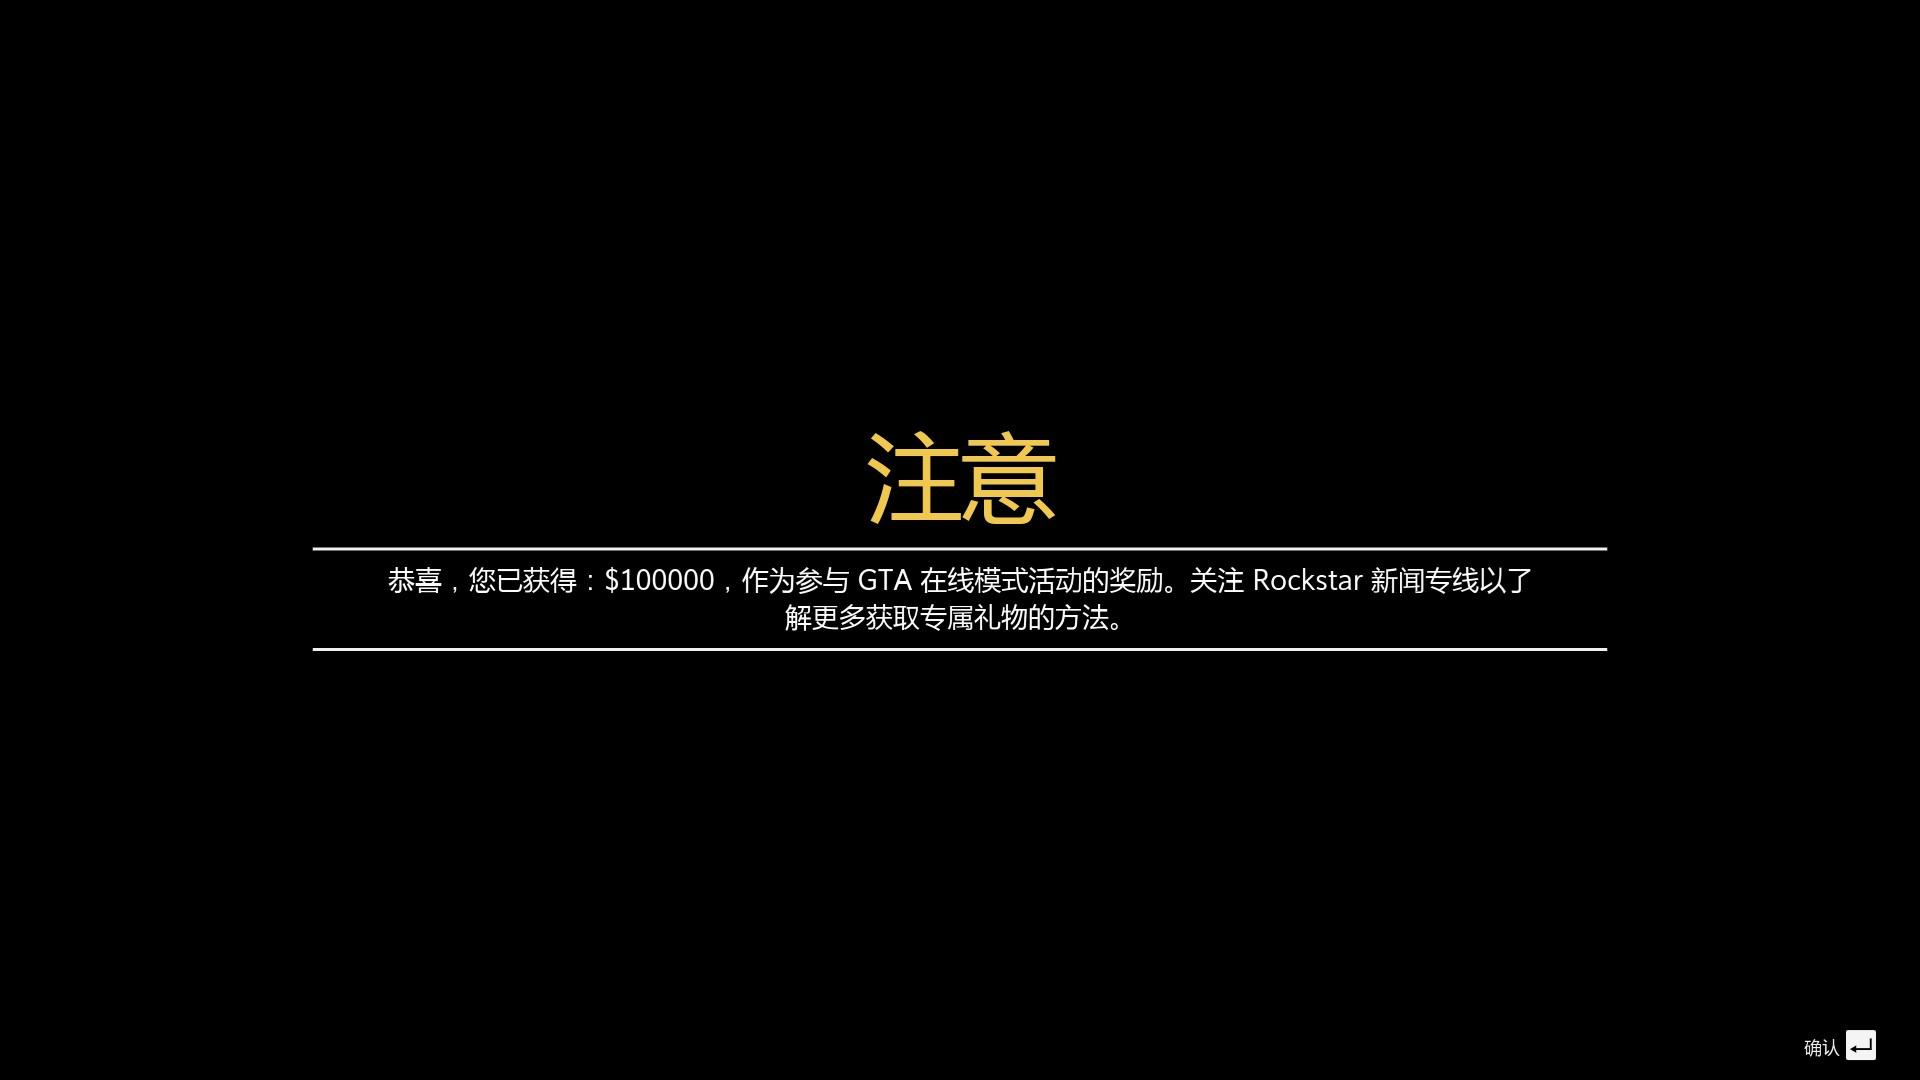 《洛城周报:小佩岛藏大机缘,新列兵赢旧情结》插图5